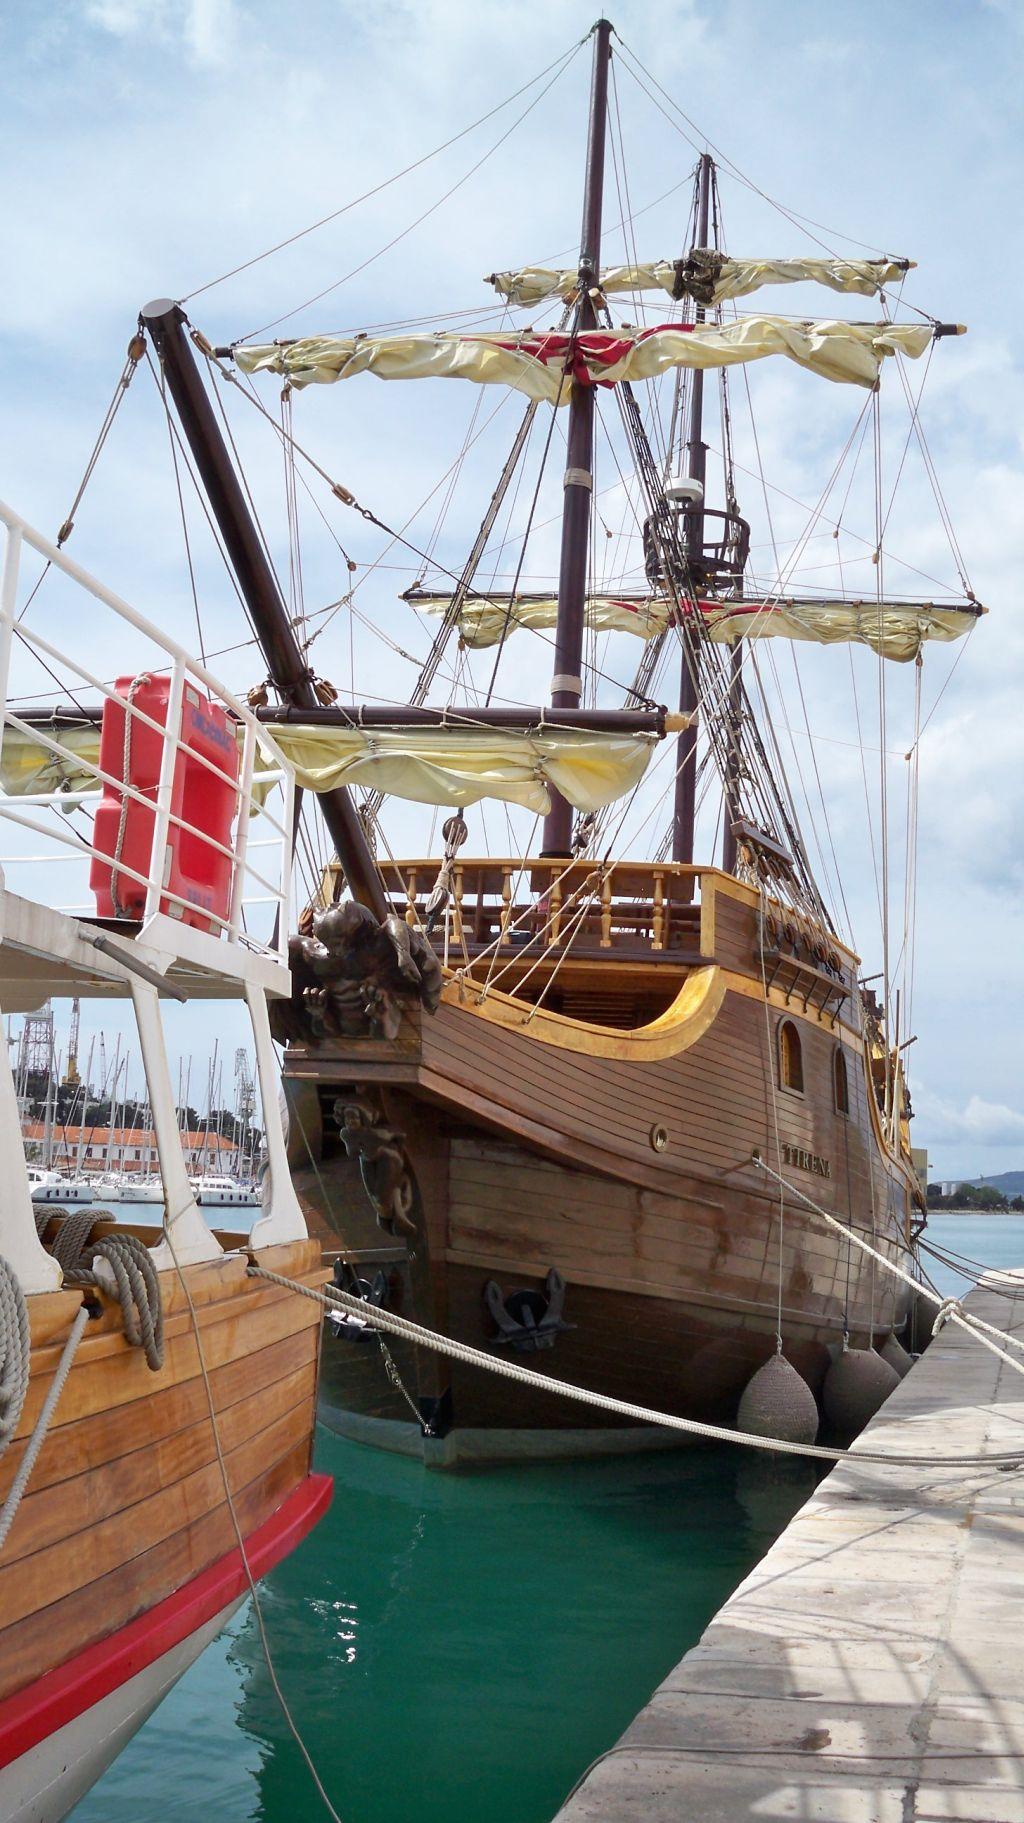 Großes Segelschiff in Kroatien (c) weltvermessen.de